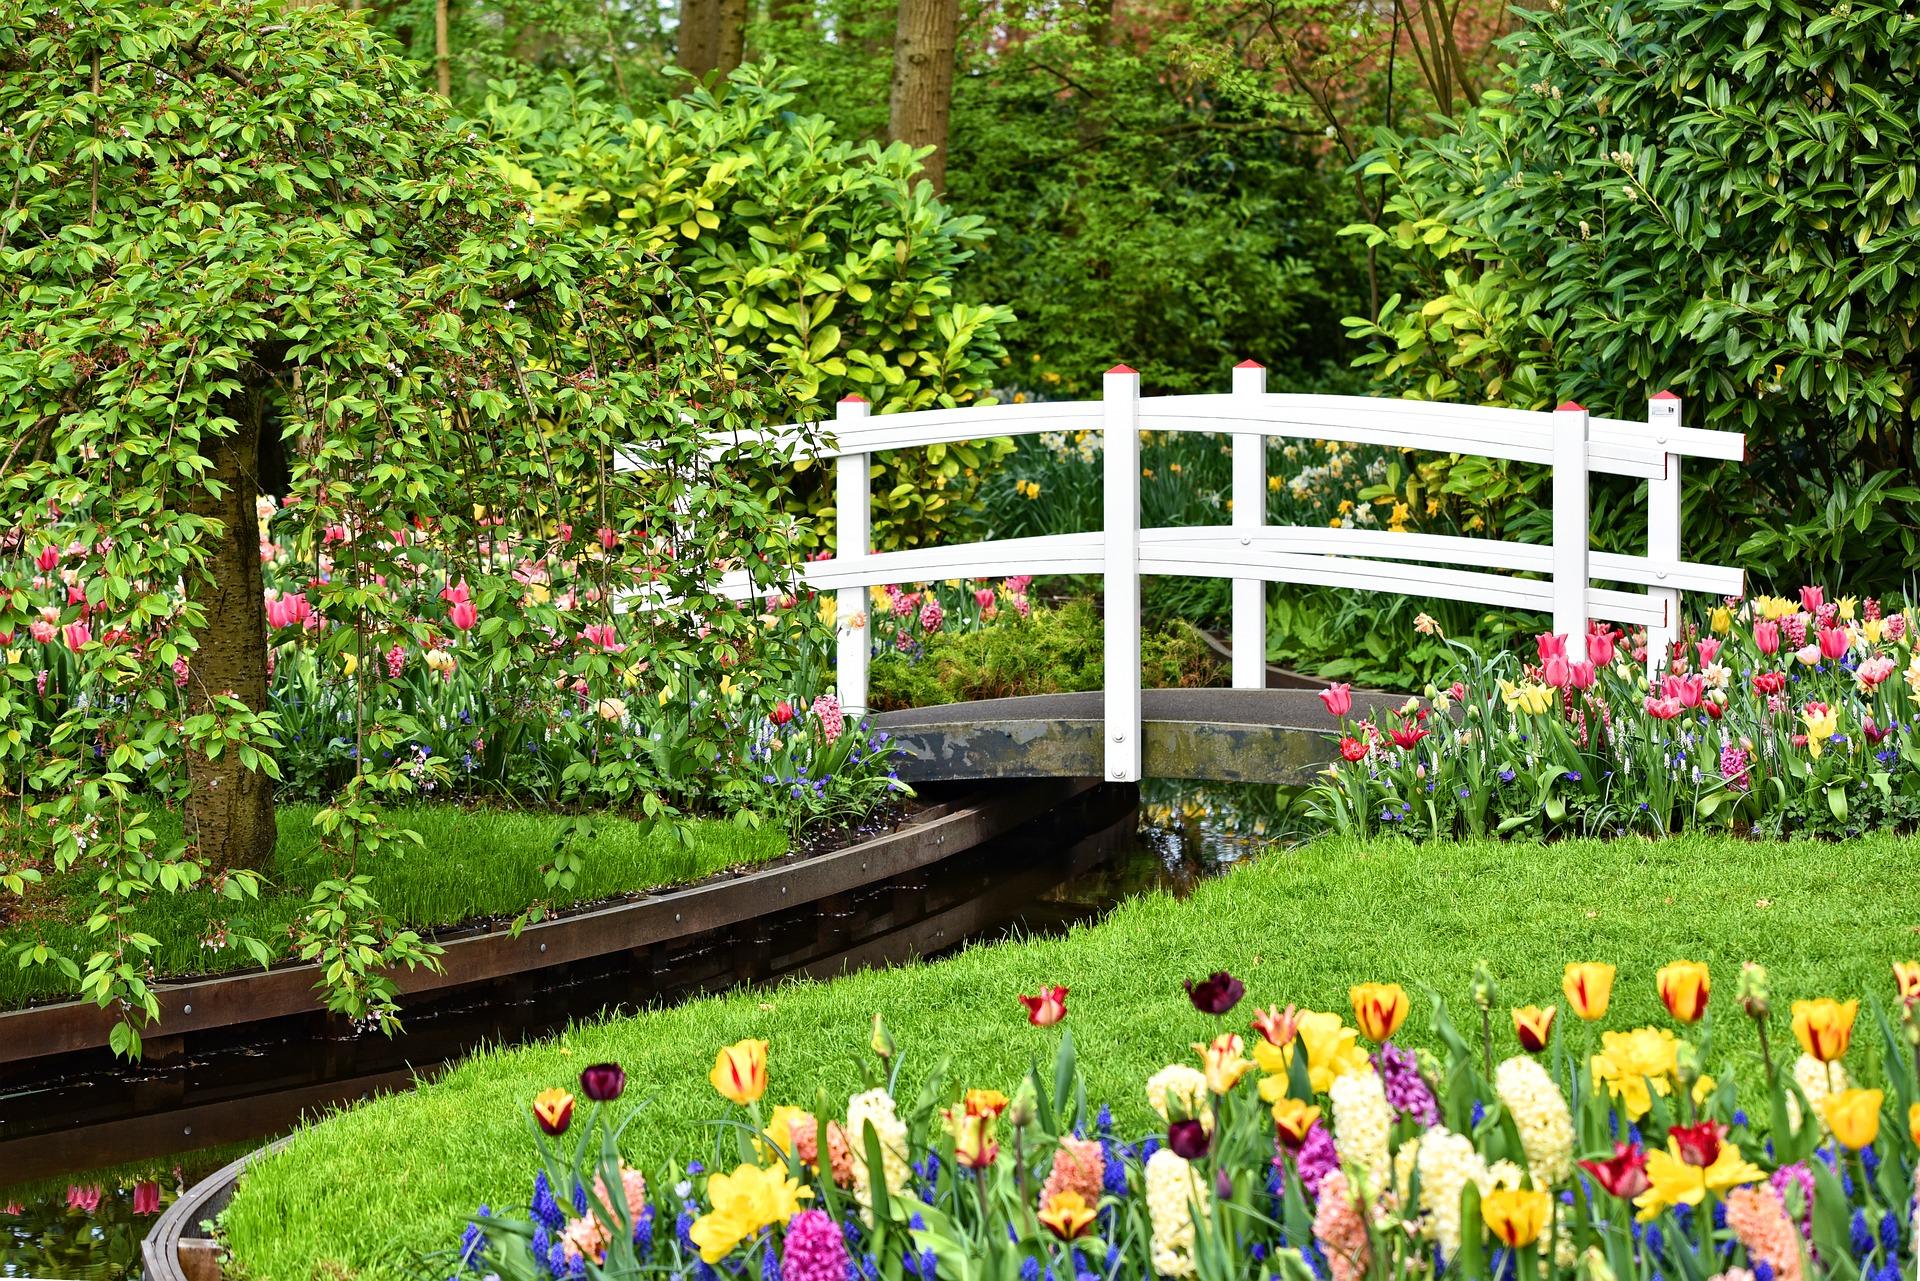 Comment Faire Un Beau Jardin quelques idées pour avoir un beau jardin │ ma belle maison